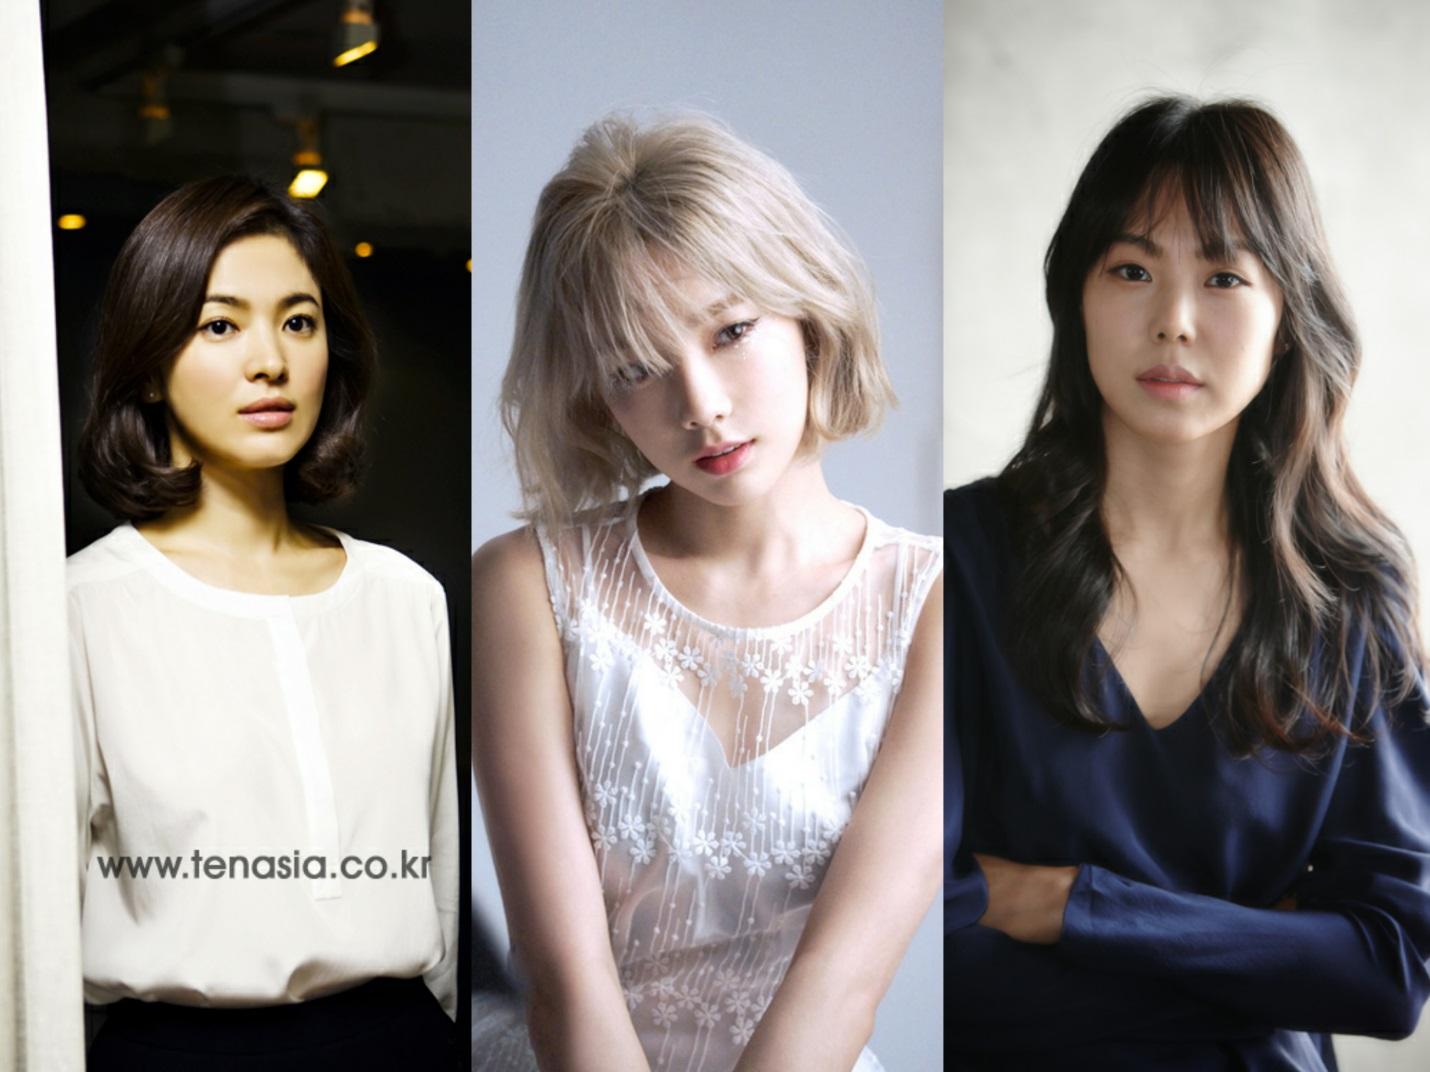 """3 sao nữ hạng A """"sát trai"""" nhất Hàn Quốc: Chênh lệch đẳng cấp từ nhan sắc cho tới tài sản! - Ảnh 11."""